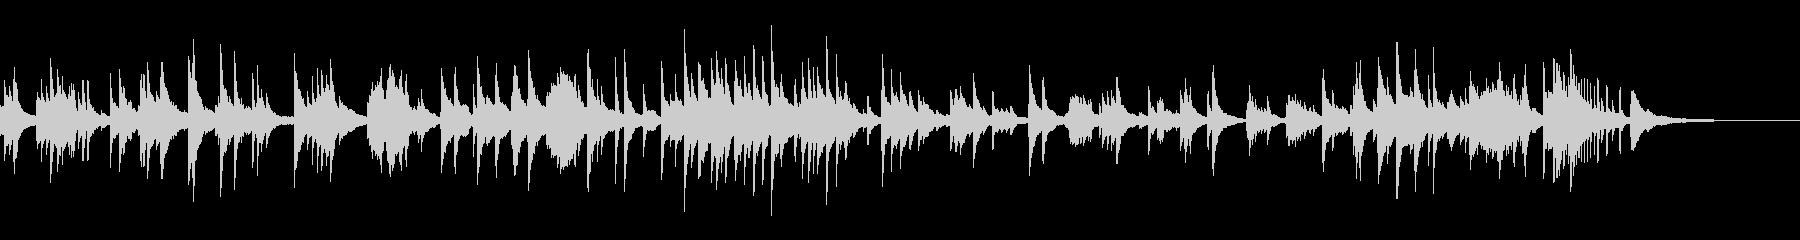 癒しのピアノソロ2の未再生の波形